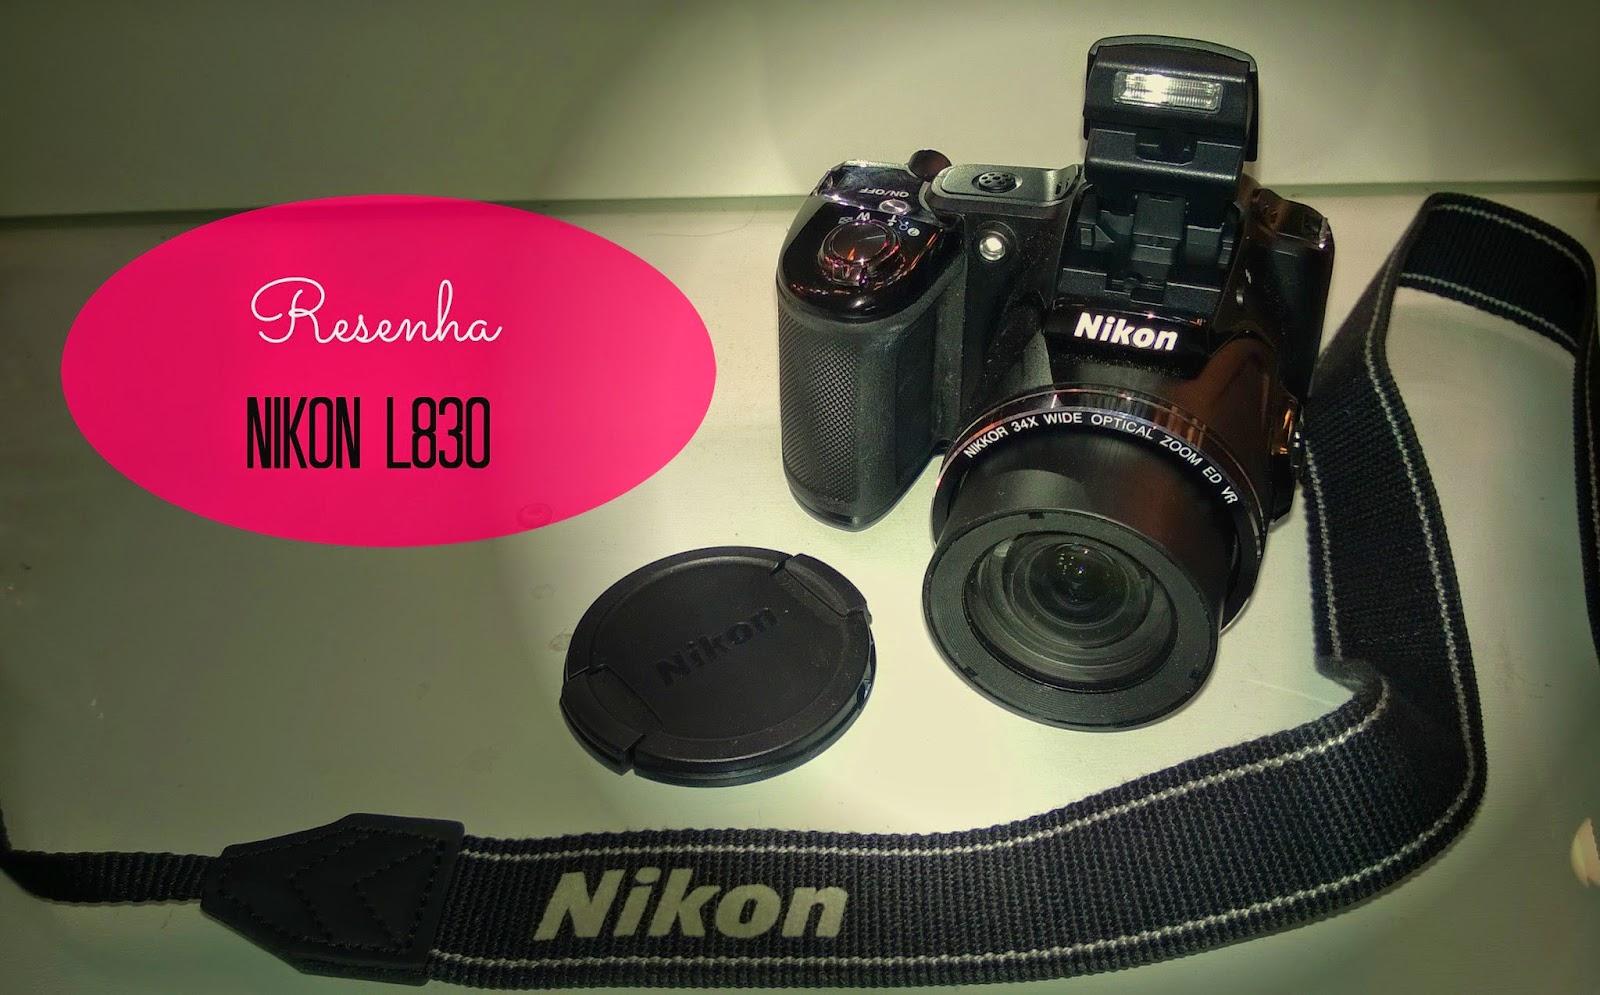 Tudo sobre minha câmera nova: Nikon L830